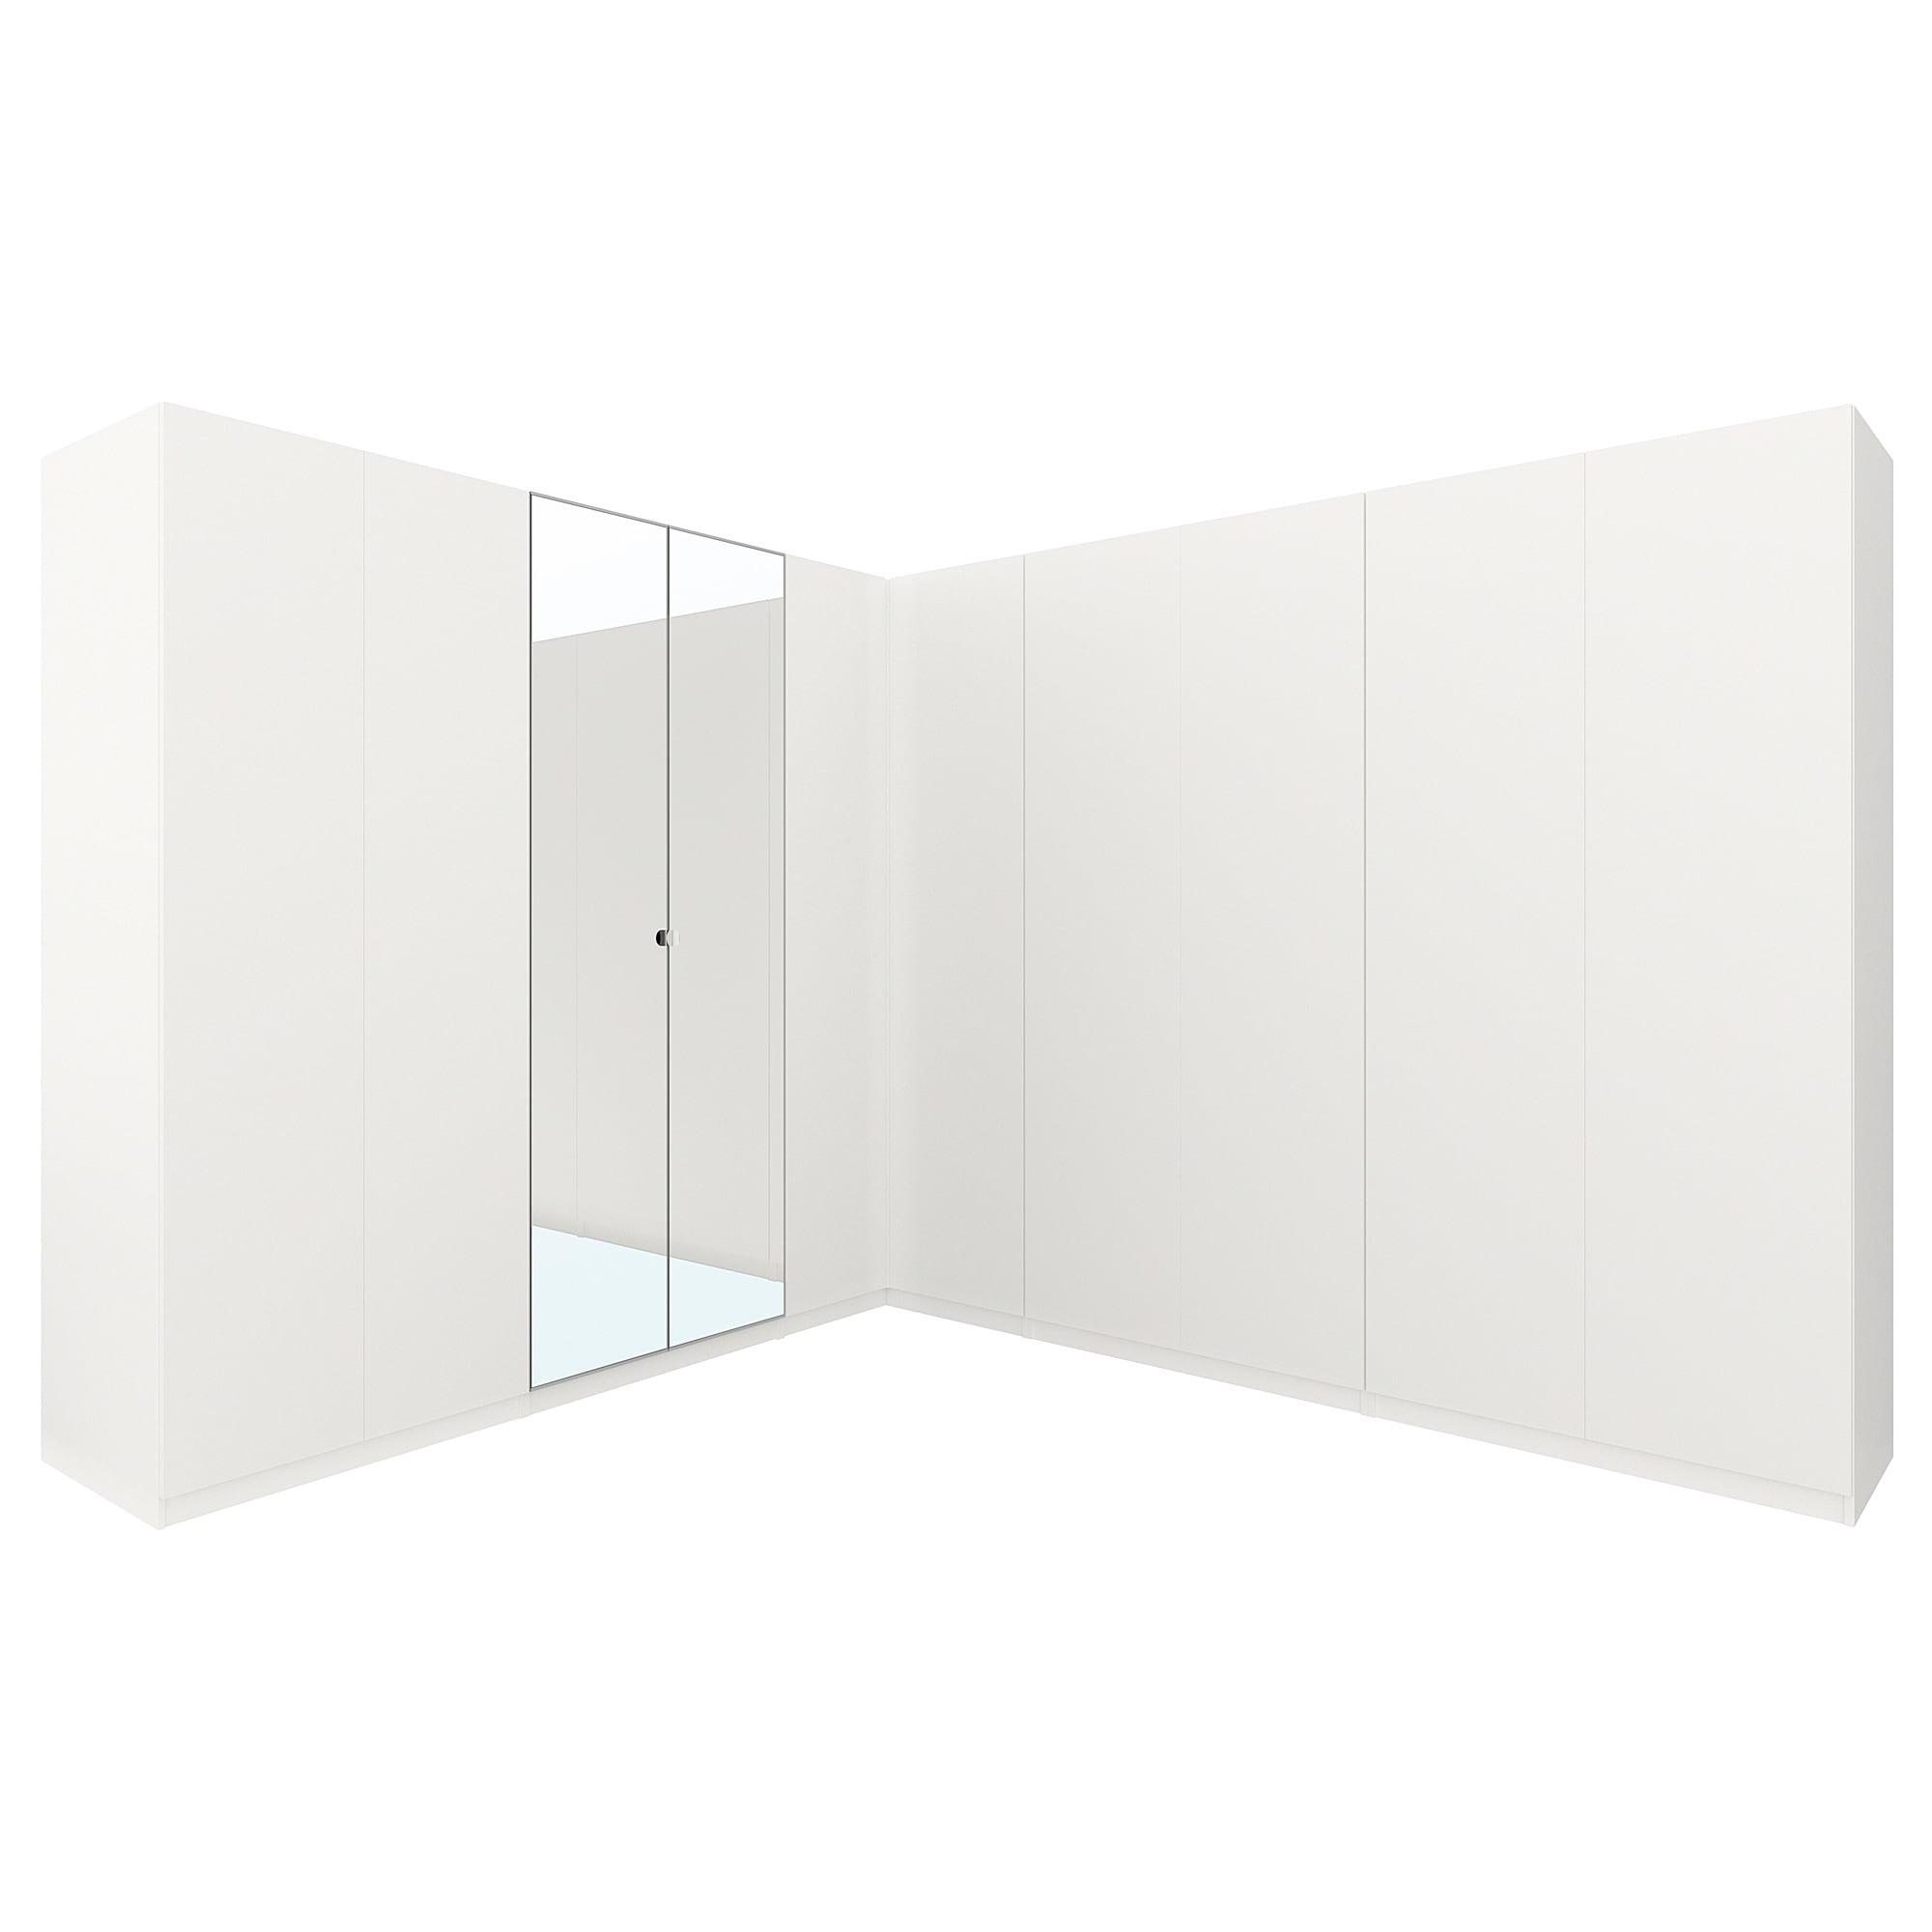 Ikea гардероб угловой с зеркалом Pax икеа пакс купить в